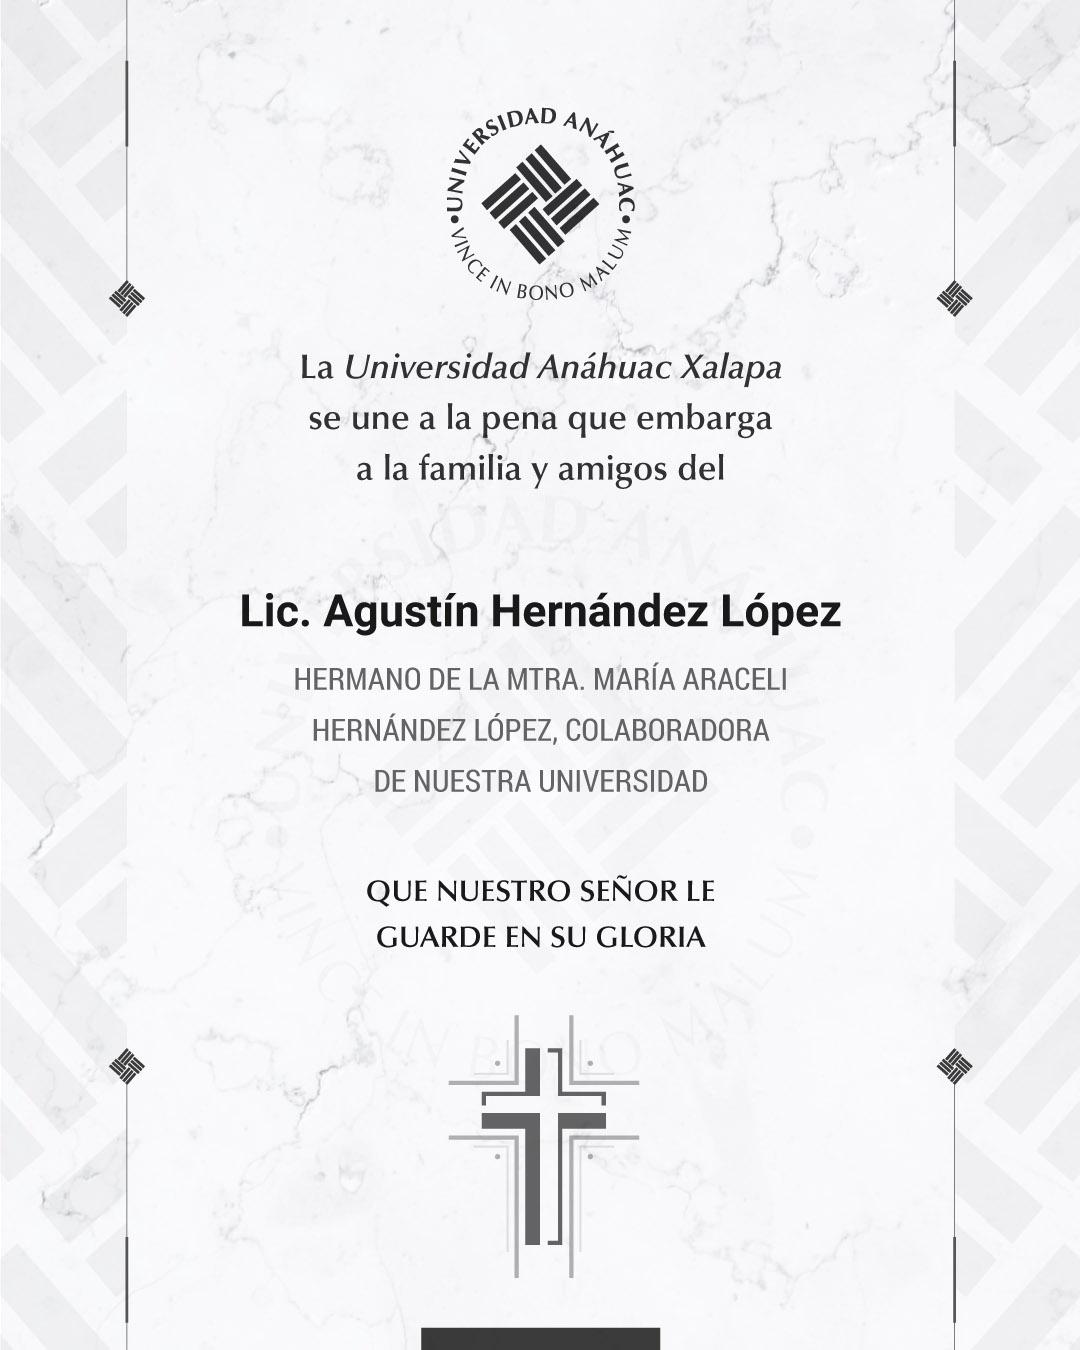 1 / 14 - Lic. Agustín Hernández López